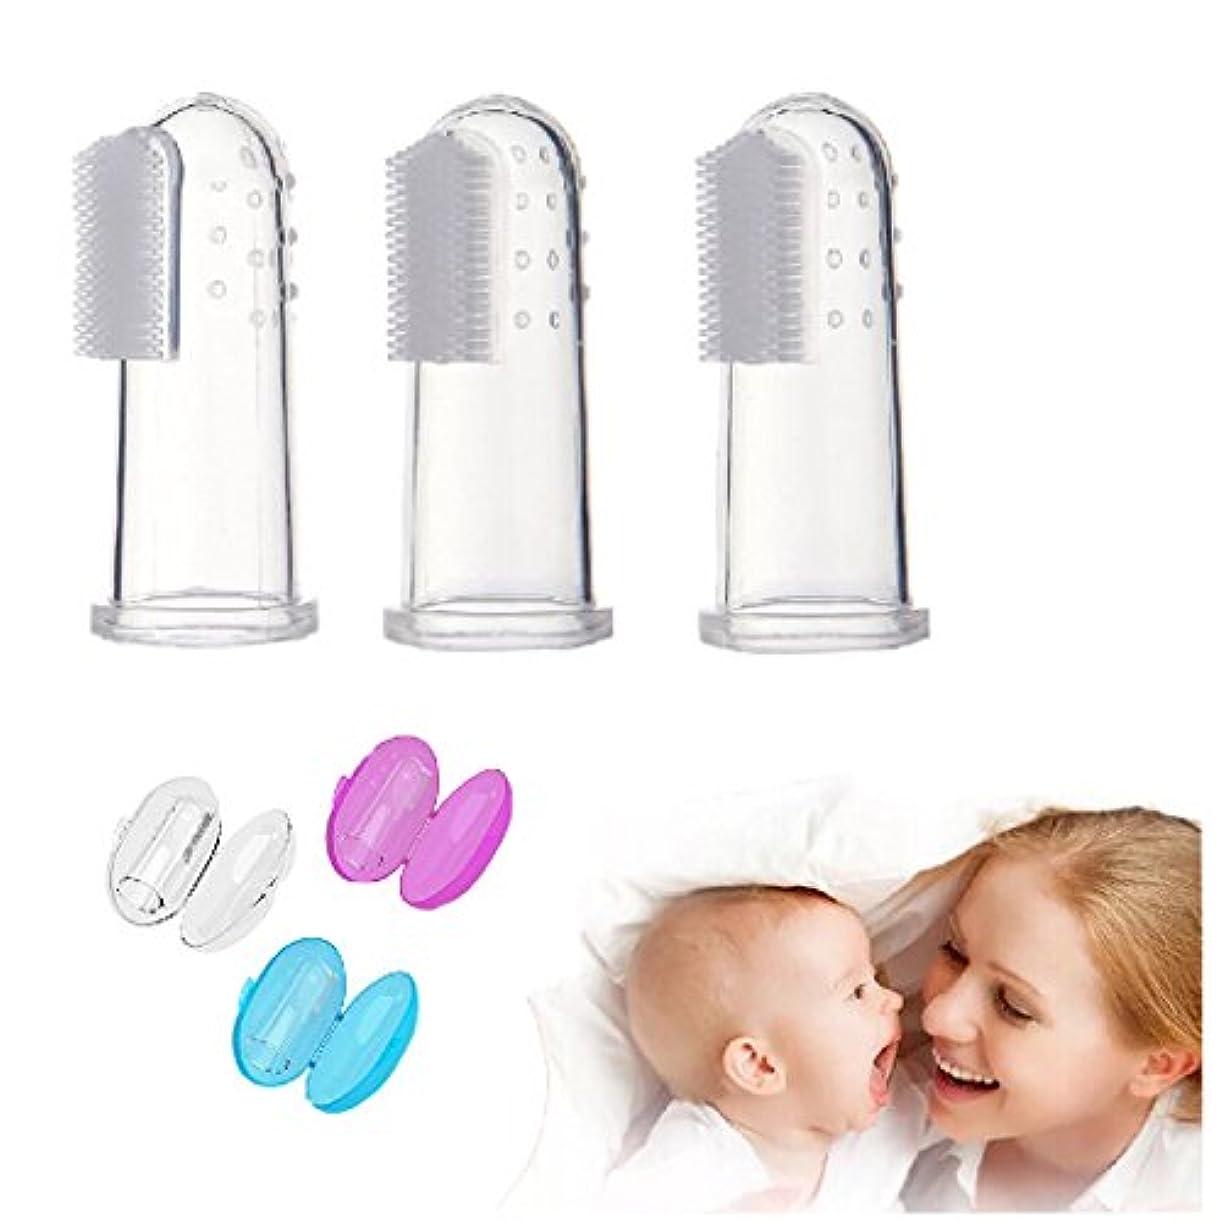 コイル増幅魔術師赤ちゃんの指の歯ブラシ3セット食品グレードシリコーン指歯ブラシケース付き歯ブラシティーザーとオーラルマッサージャー用赤ちゃん&幼児